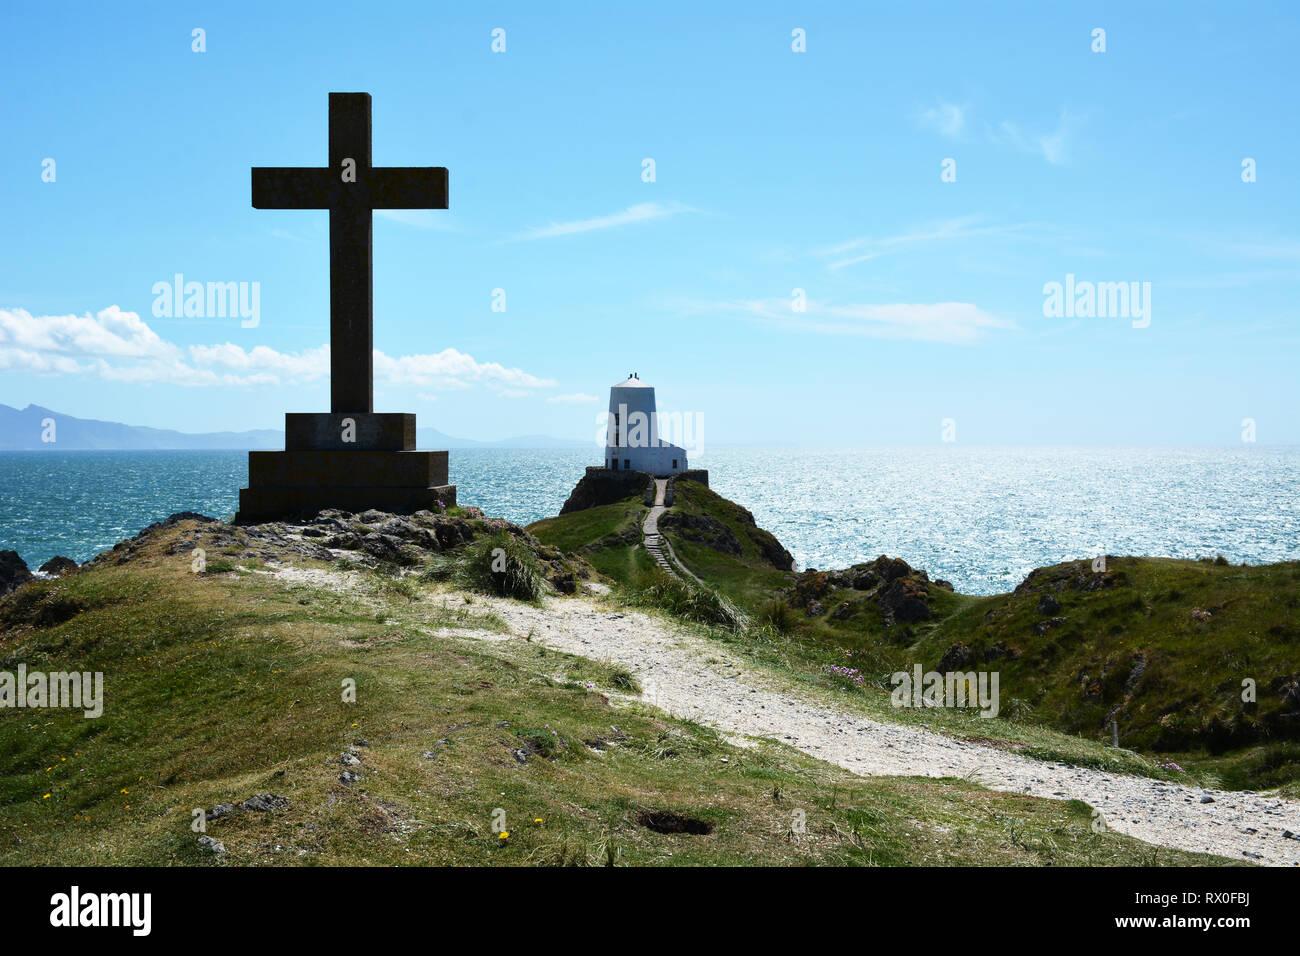 La croce e Twr Mawr faro sull isola di Llanddwyn off lungo la costa sud occidentale di Anglesey nel Galles del Nord. Foto Stock